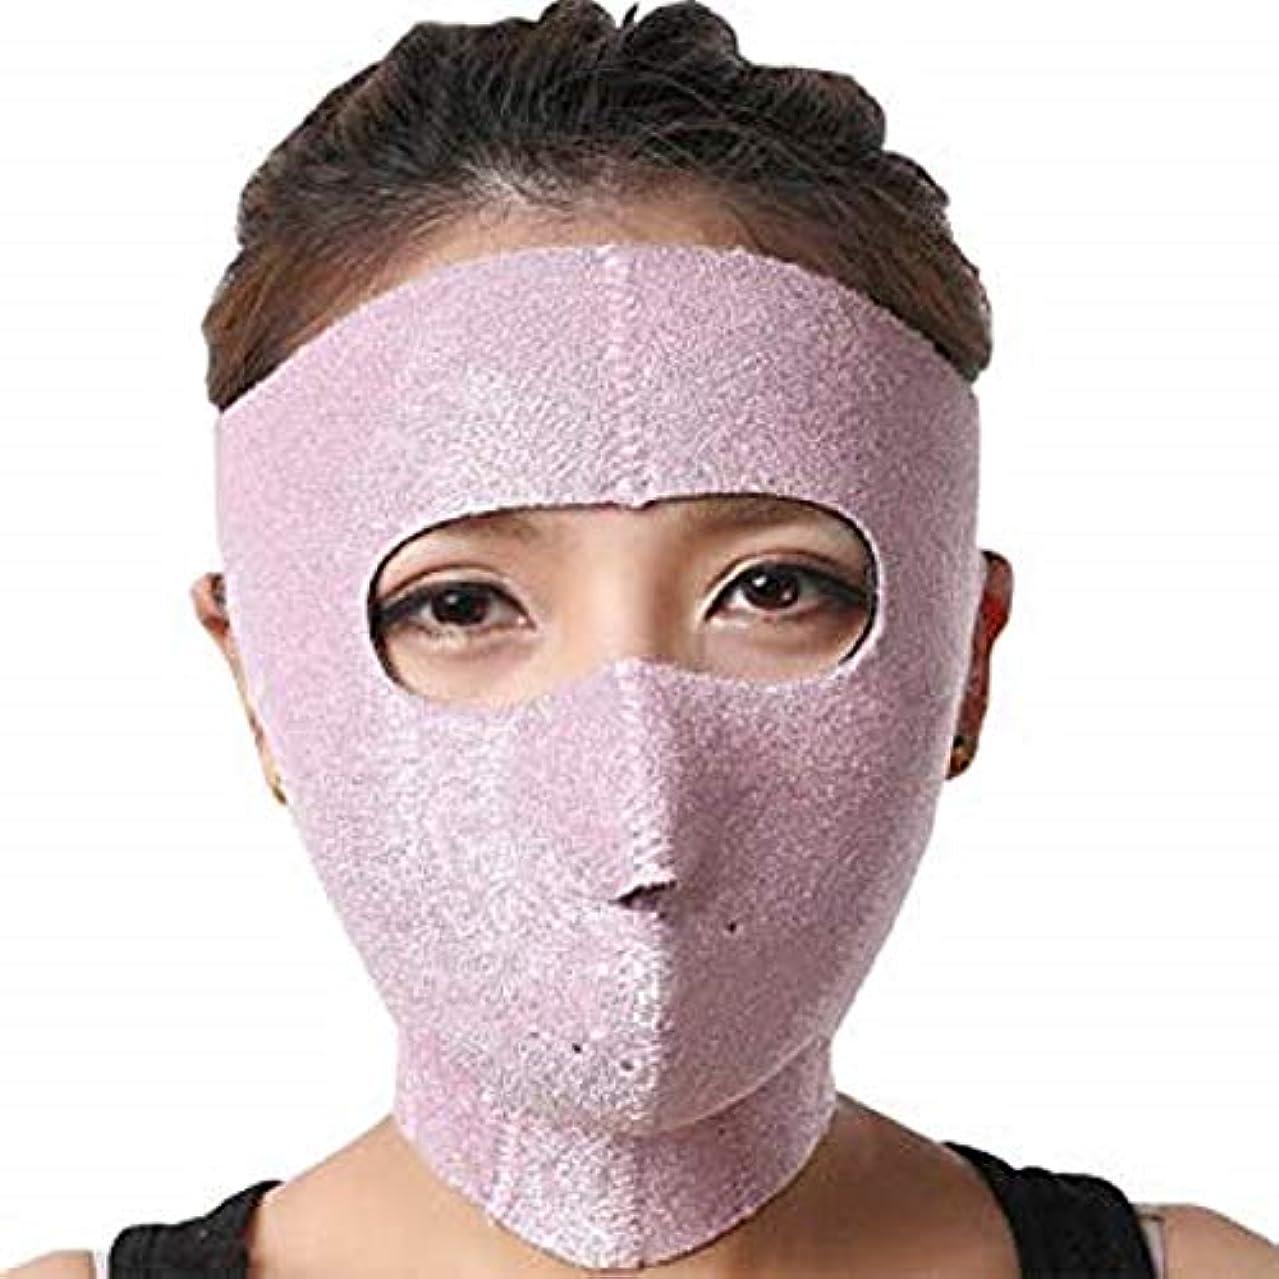 試みるドライバ酔ったリタプロショップ? 小顔矯正 3Dマスク 発汗 サウナ フェイスライン 引き締め